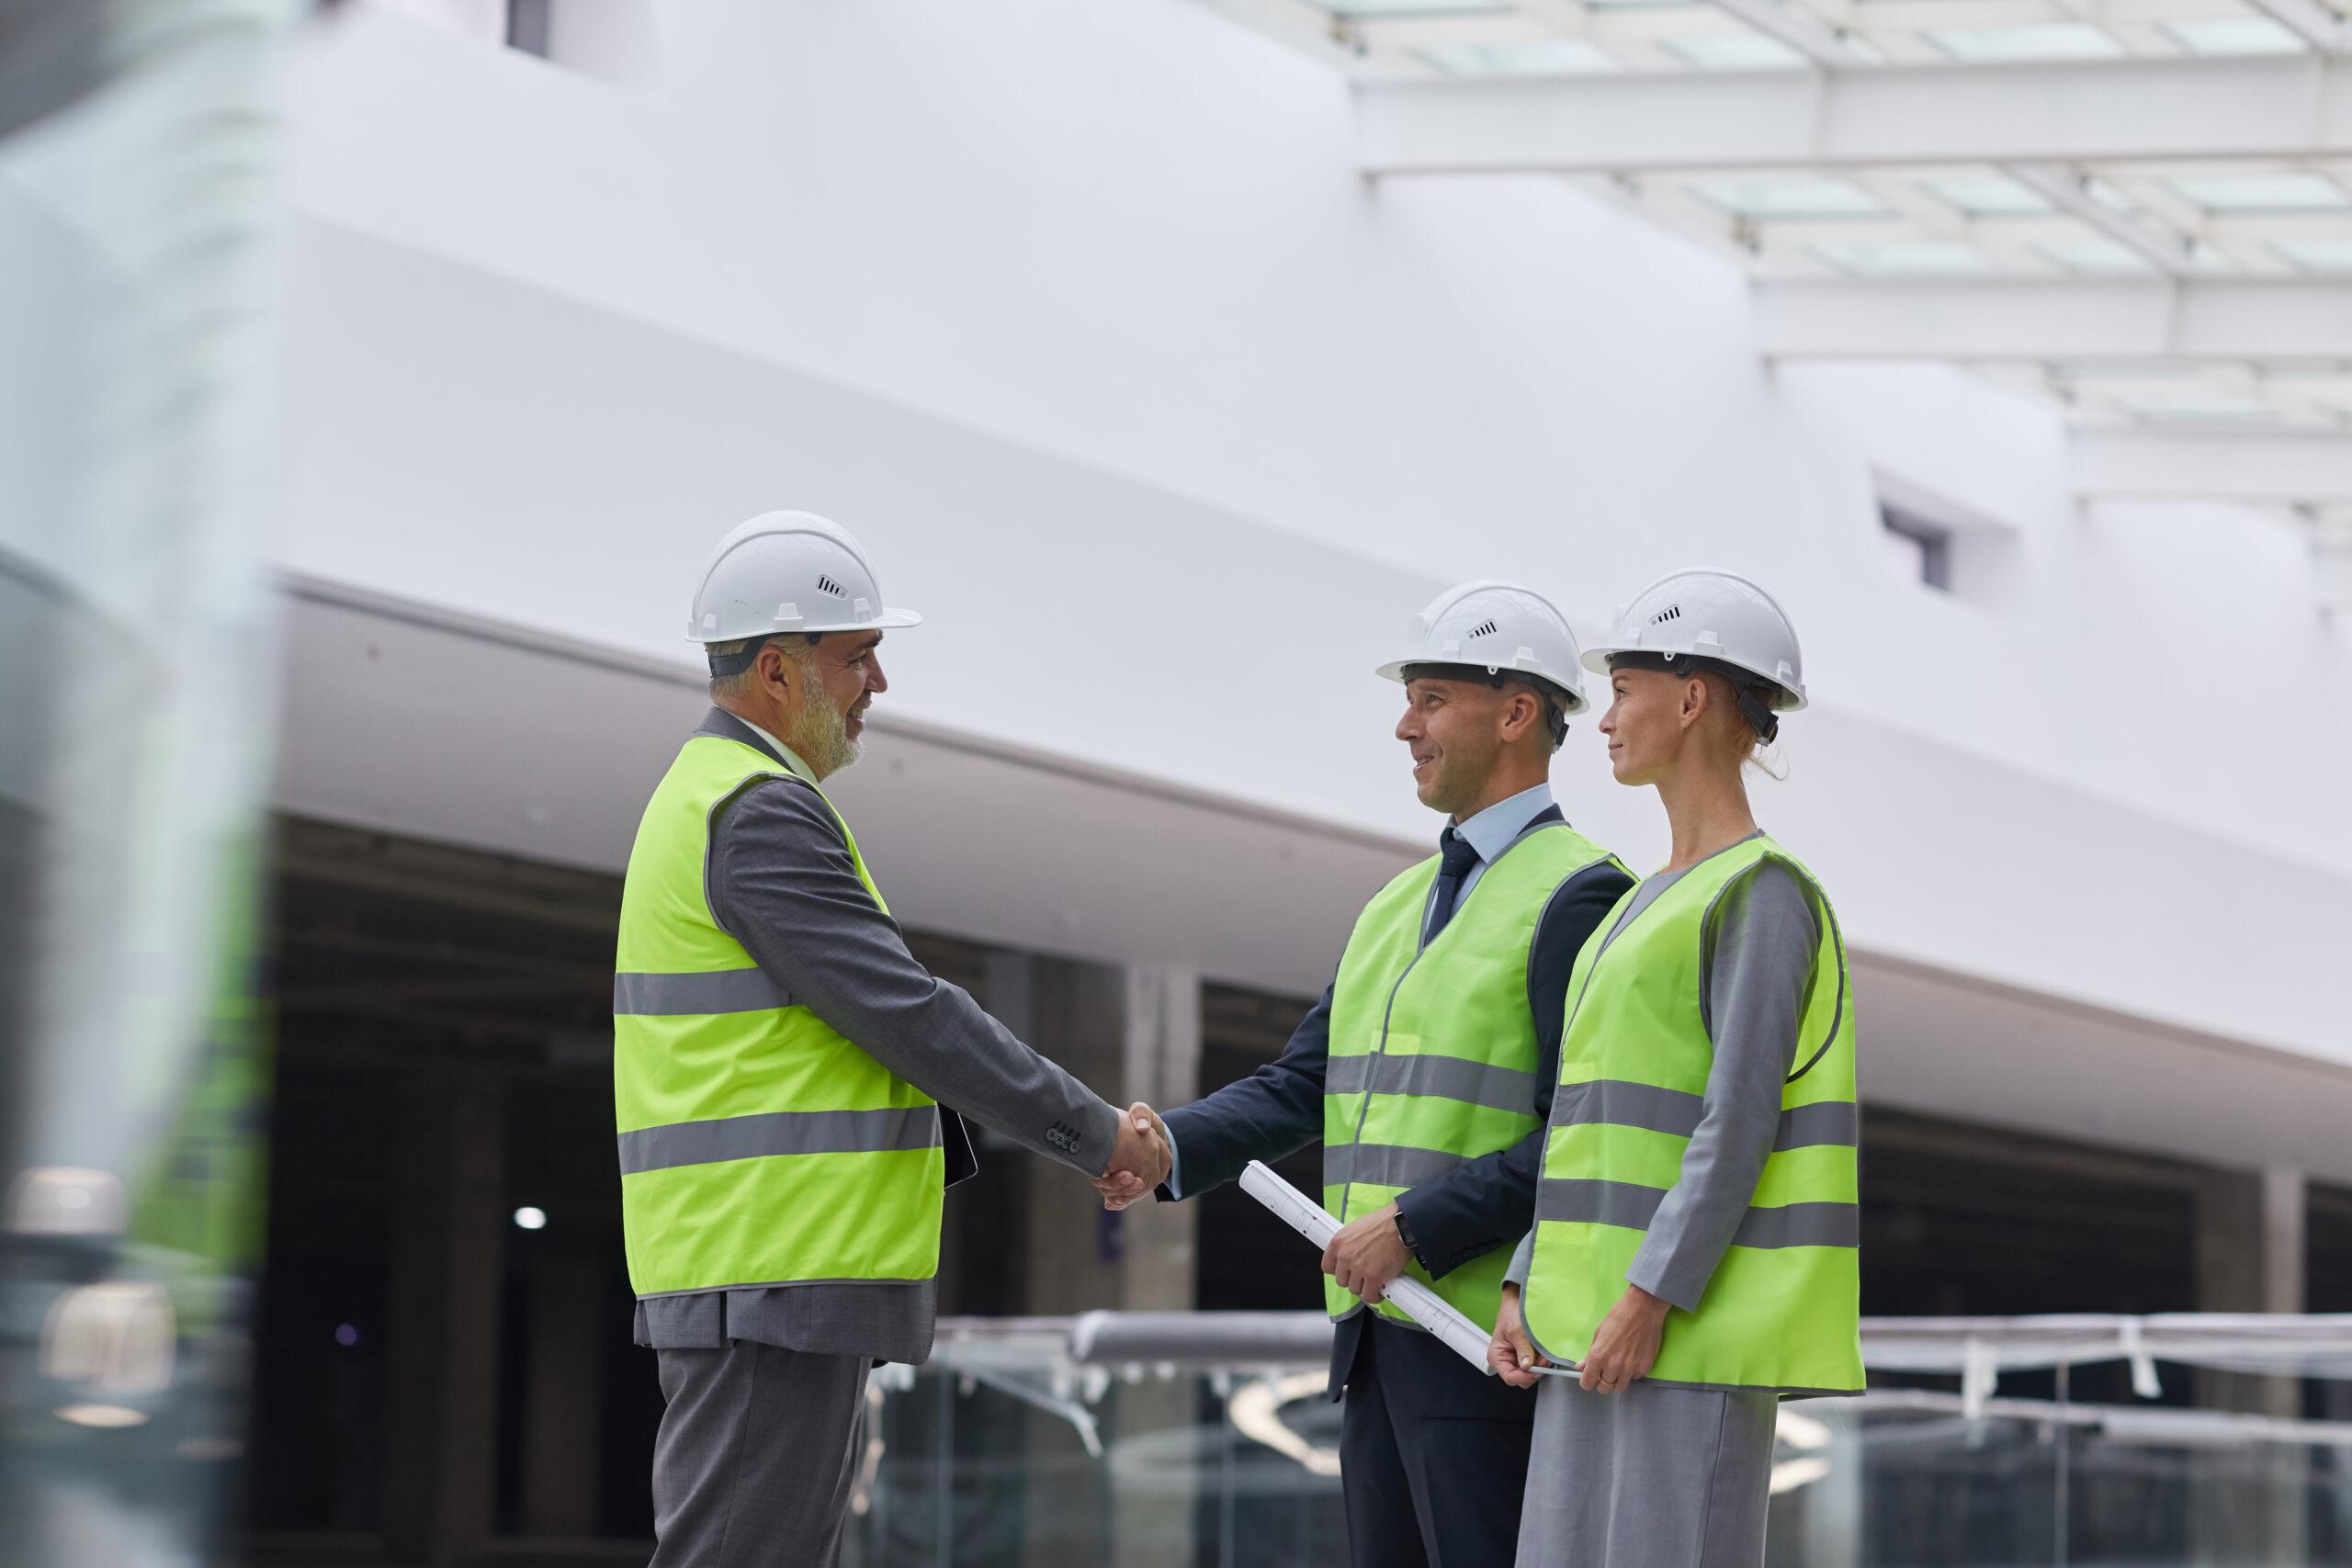 SUNAFIL publica relación de empresas que declaran no tener comité de seguridad y salud en el trabajo